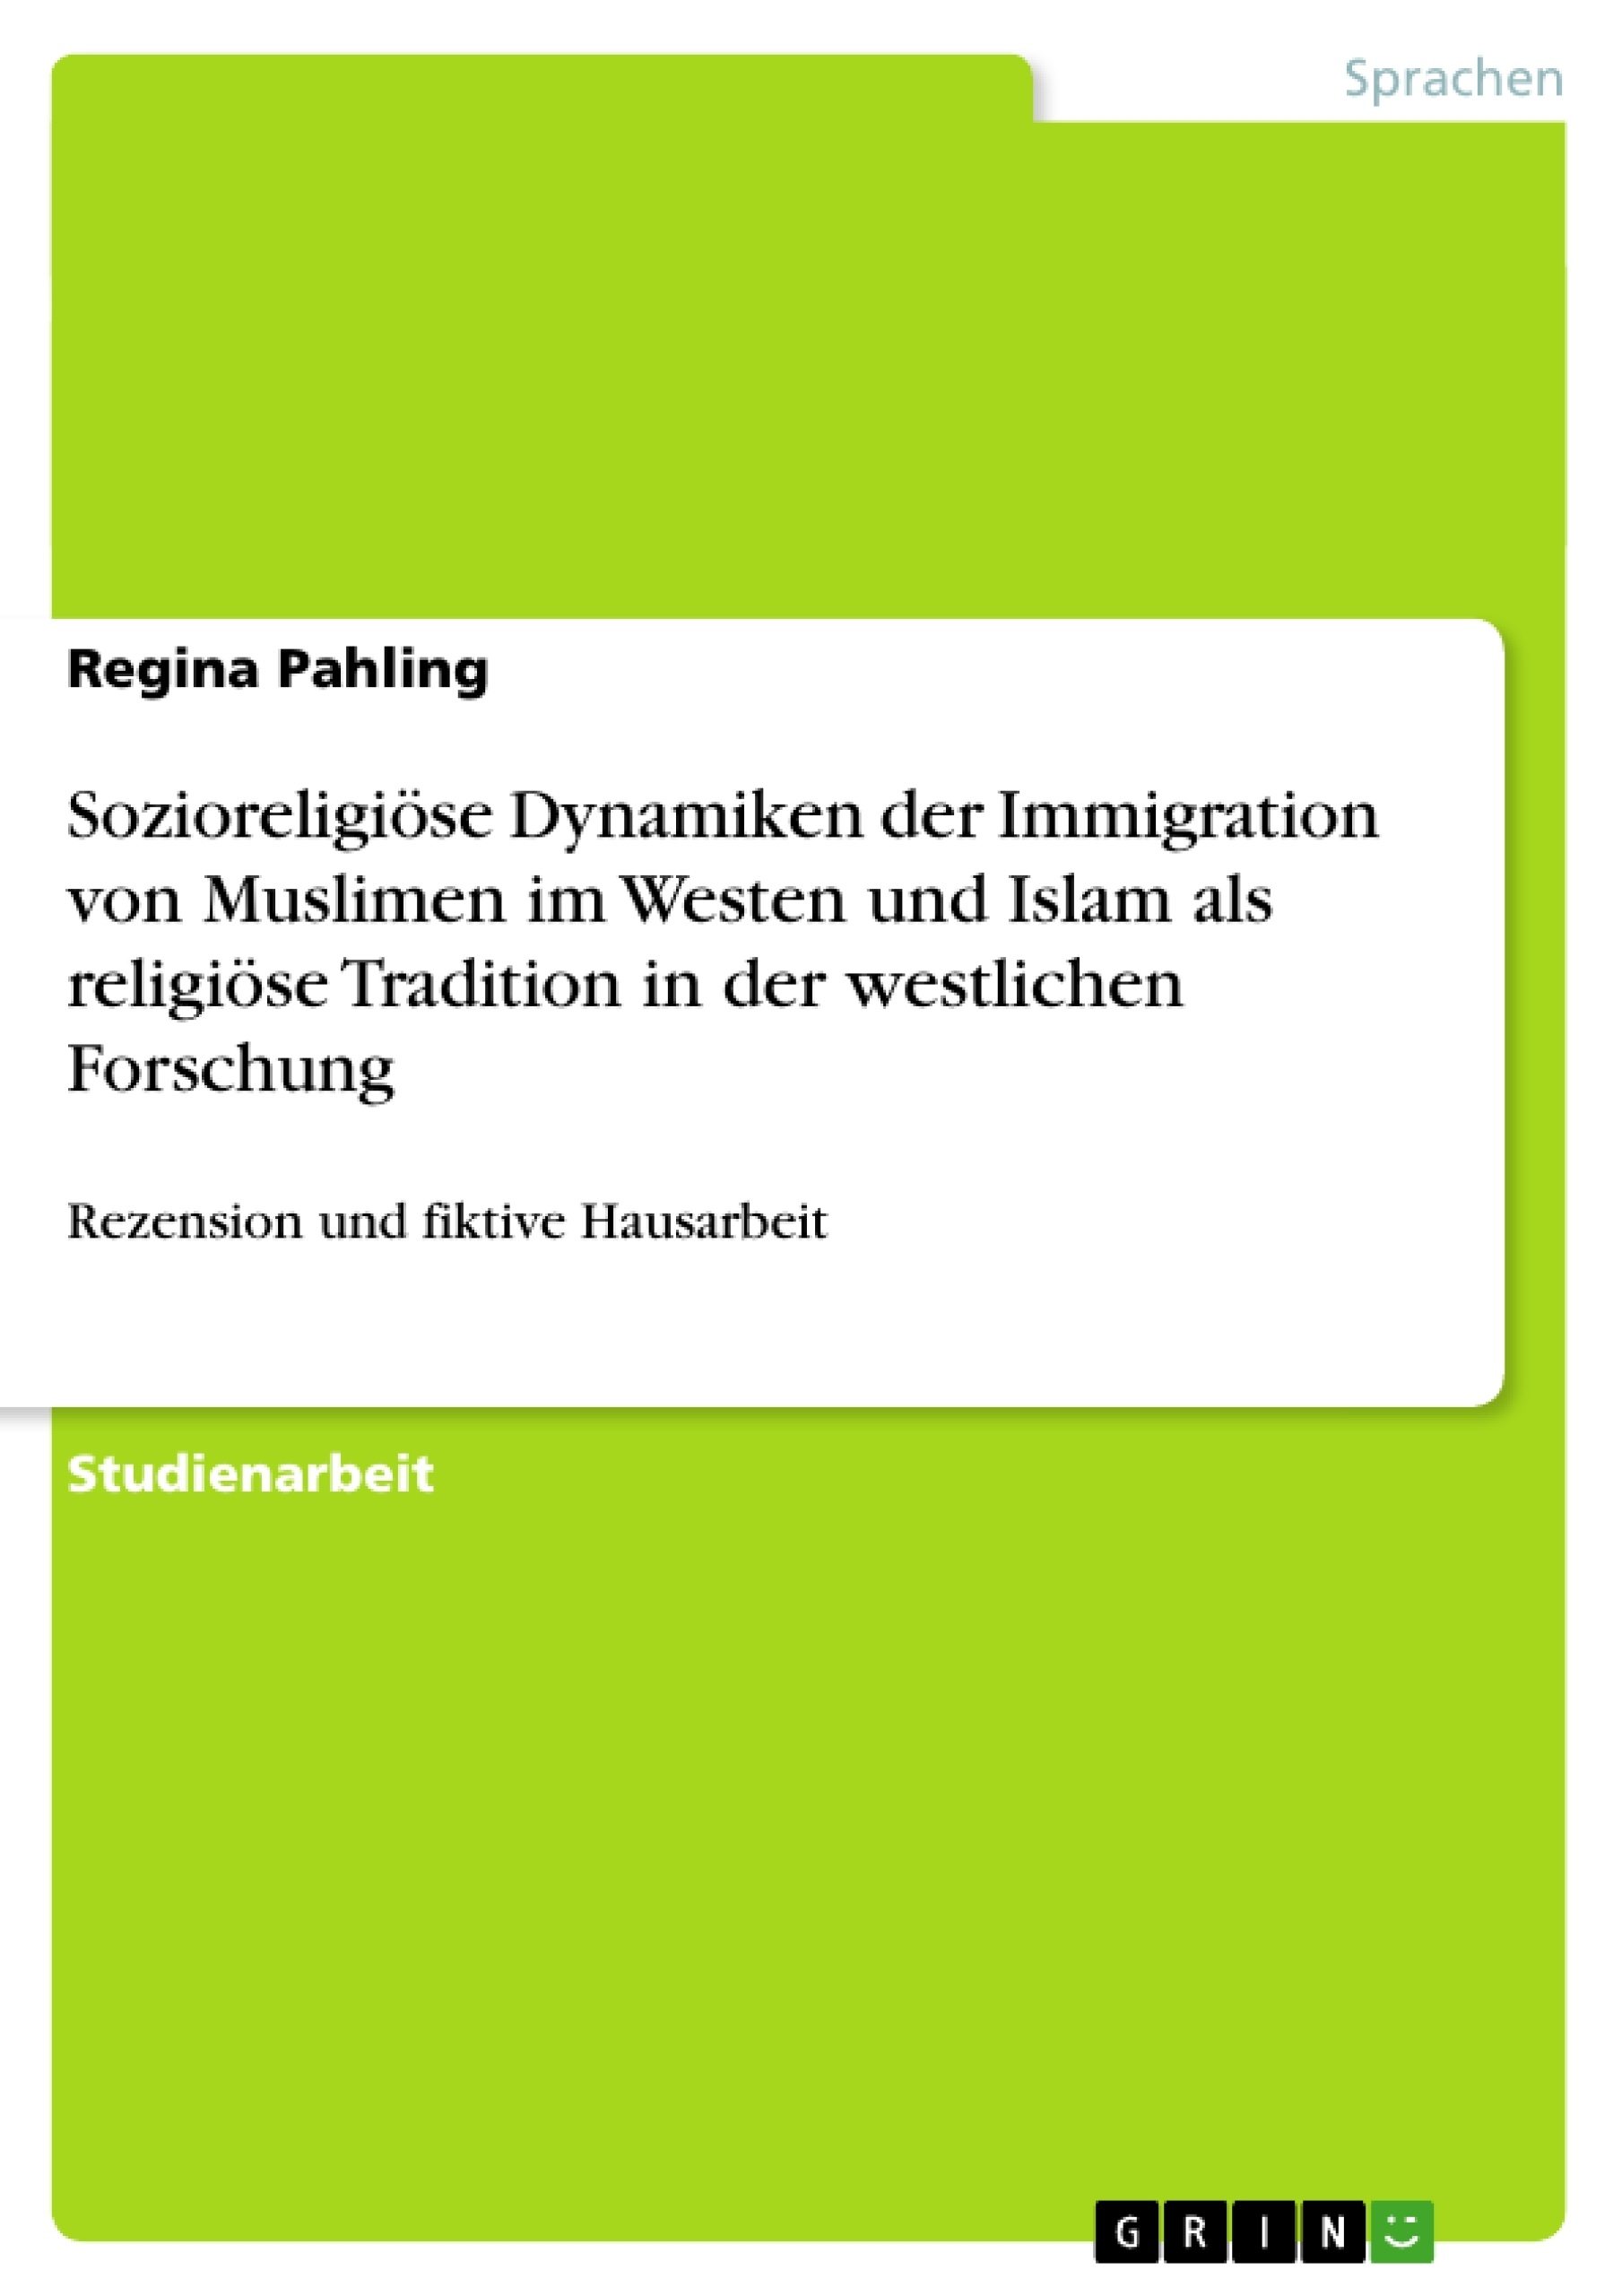 Titel: Sozioreligiöse Dynamiken der Immigration von Muslimen im Westen und Islam als religiöse Tradition in der westlichen Forschung